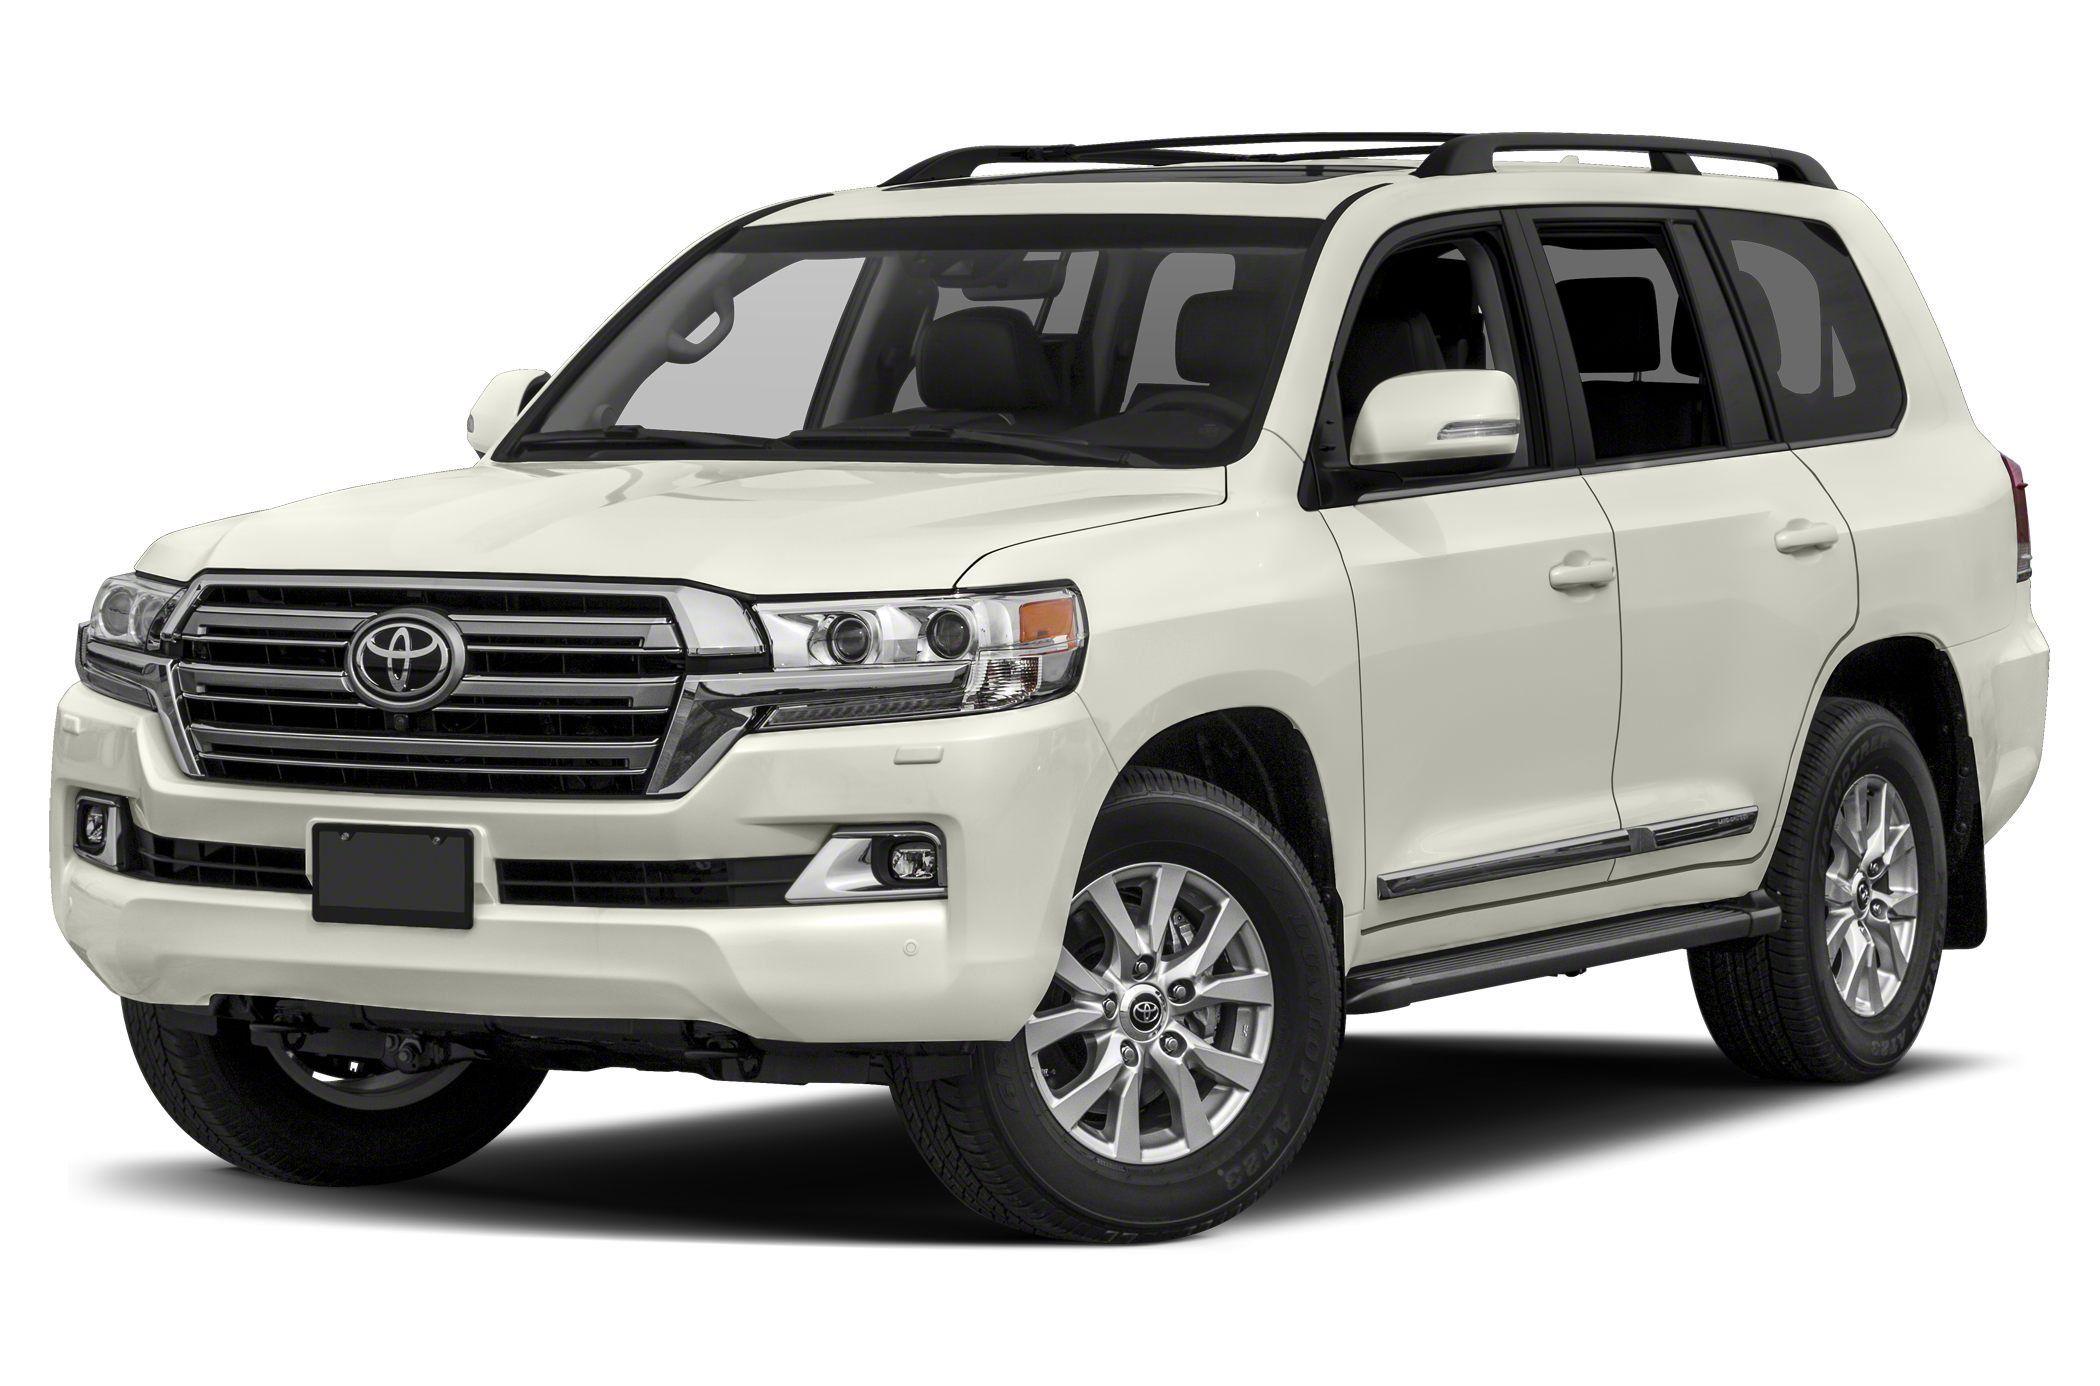 2021 Toyota Land Cruiser Diesel Specs In 2020 Toyota Land Cruiser Diesel Toyota Land Cruiser Land Cruiser